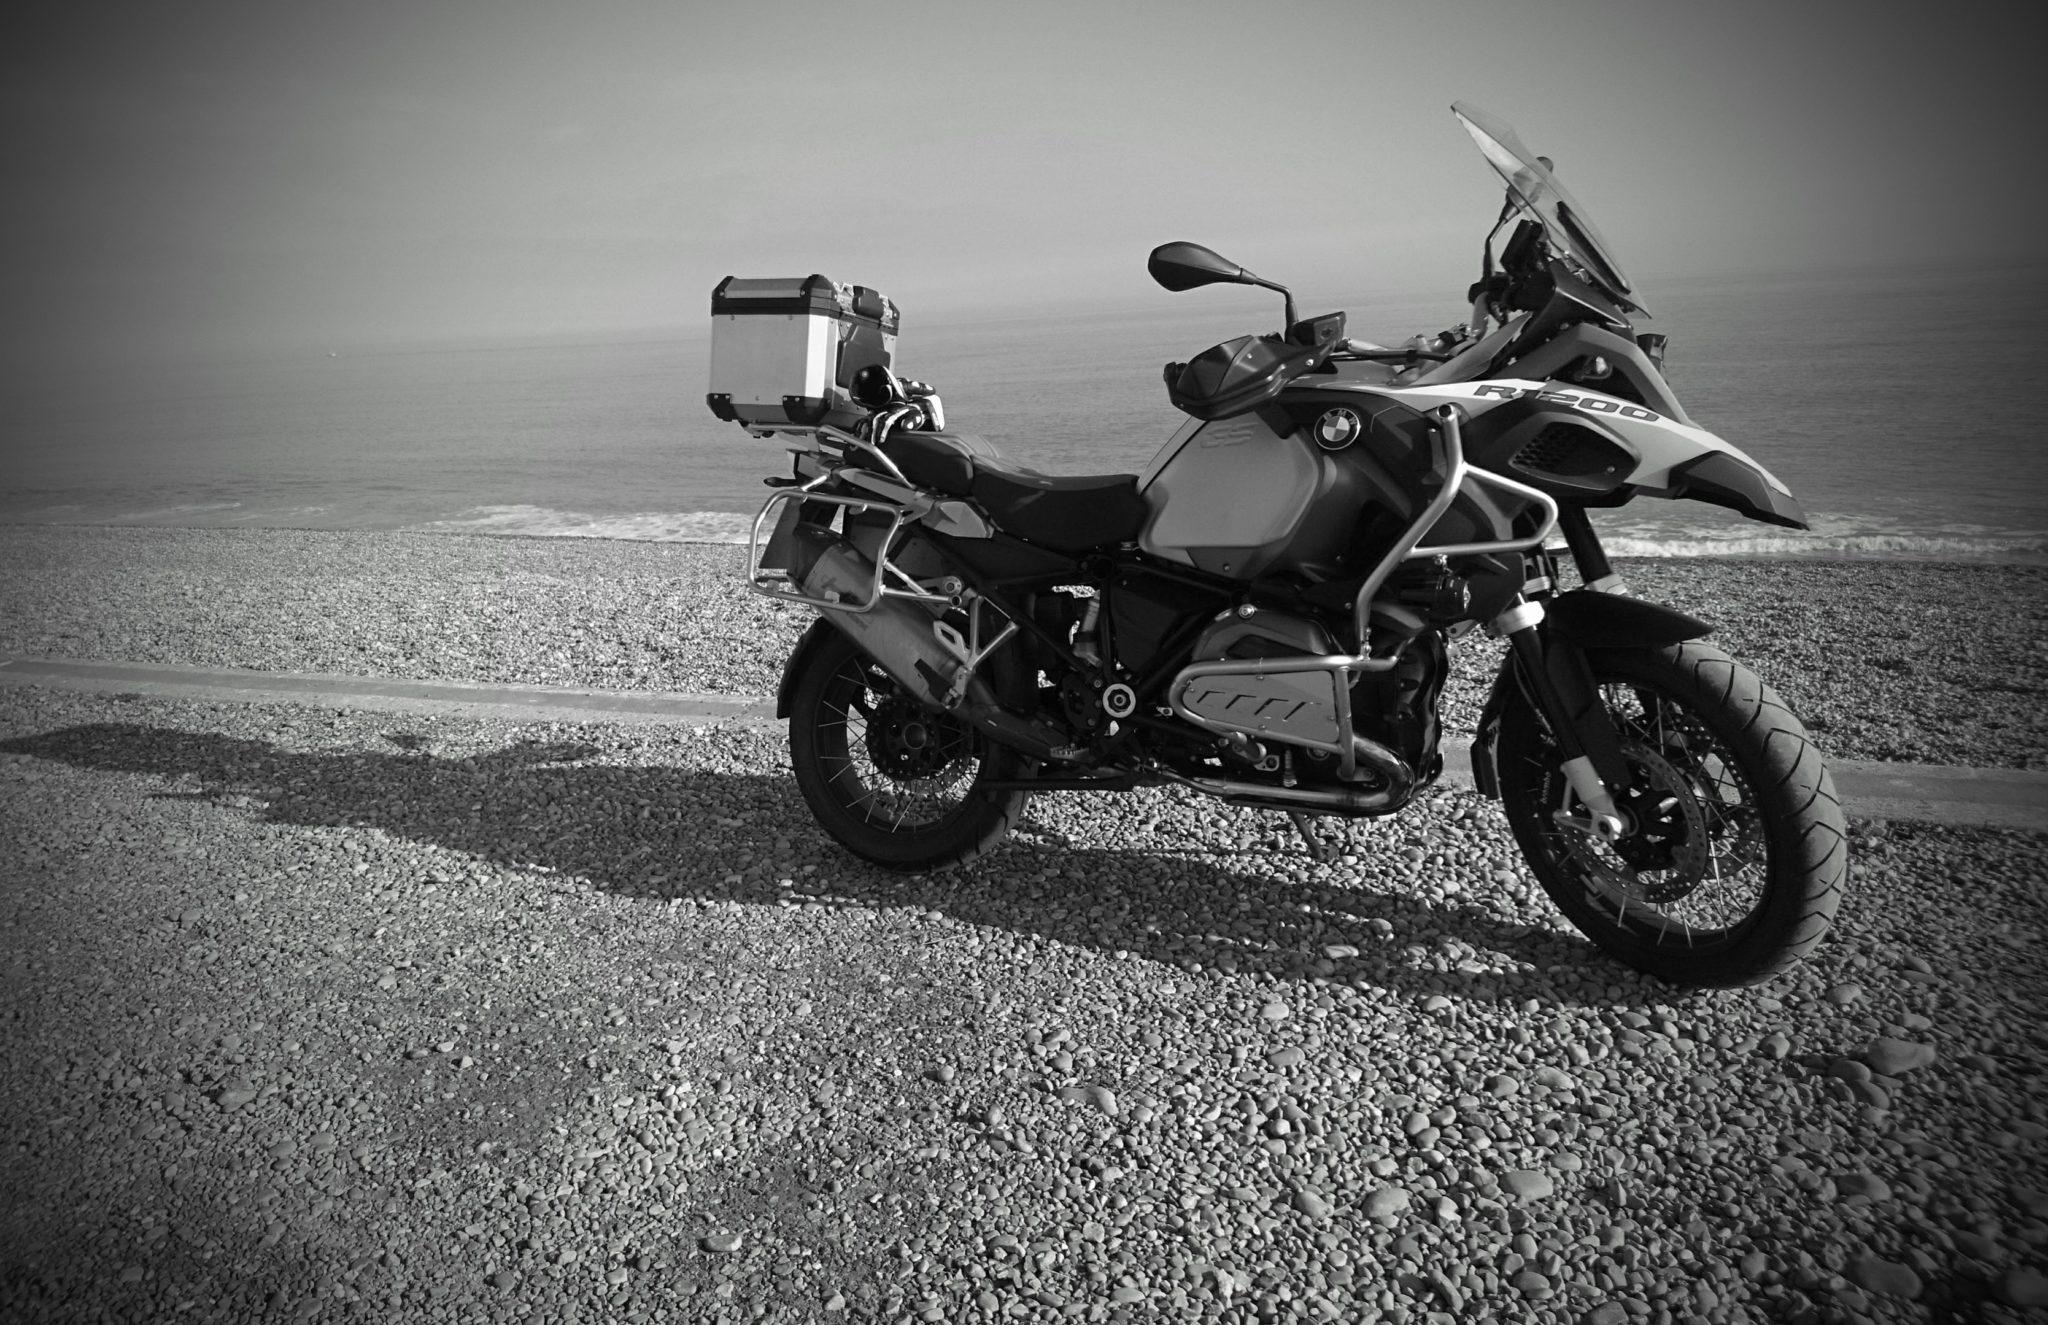 Darren – BMW R1200GS Adventure